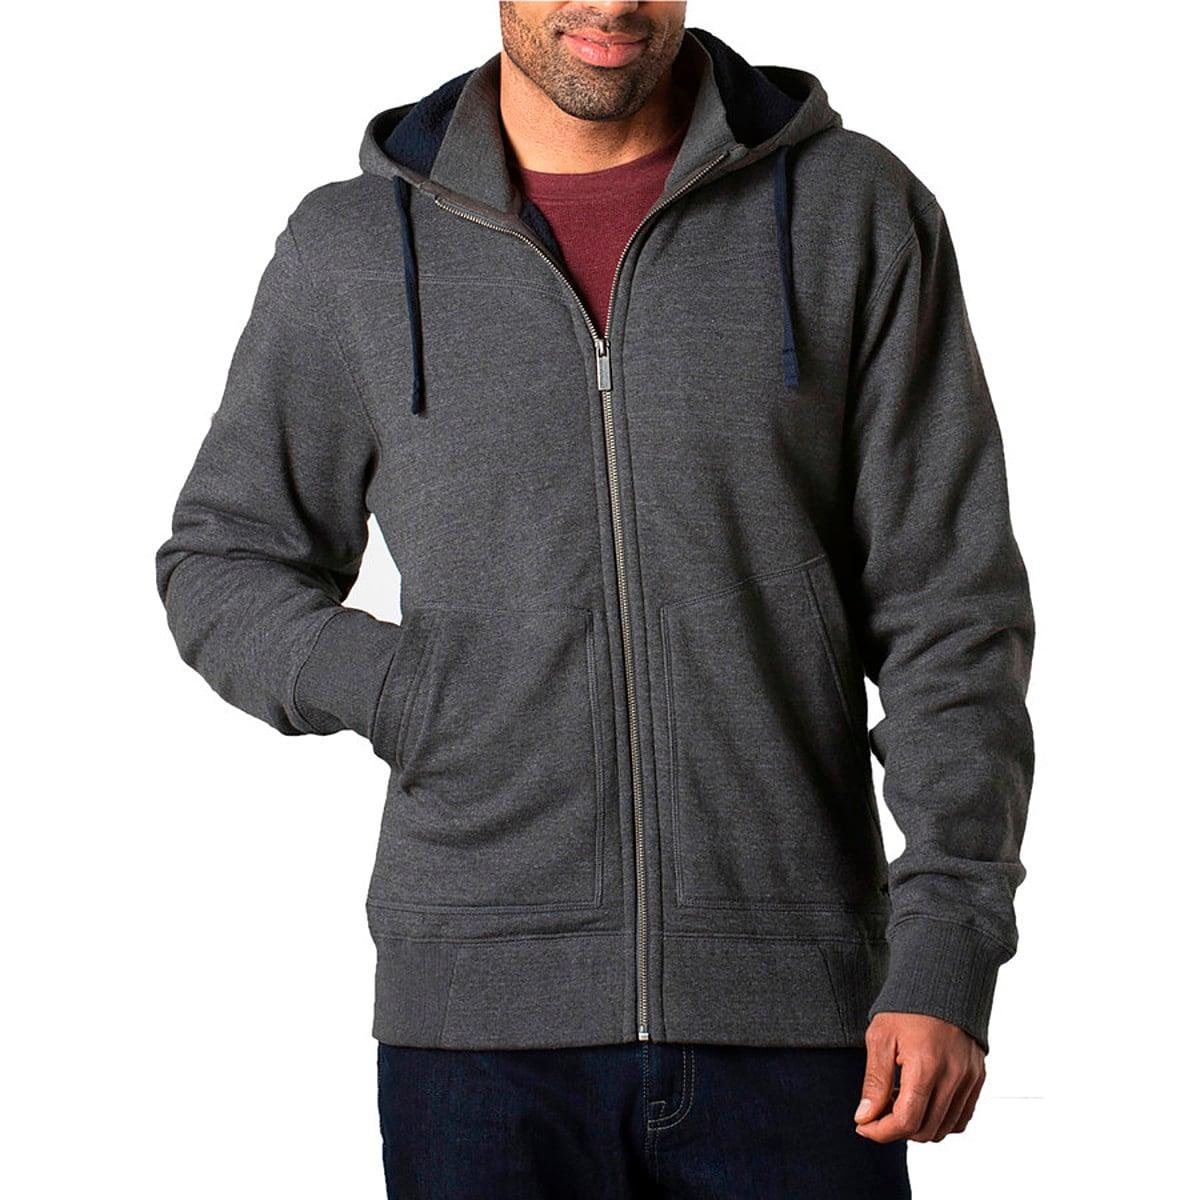 Mens Clothing - Zip Hoodies